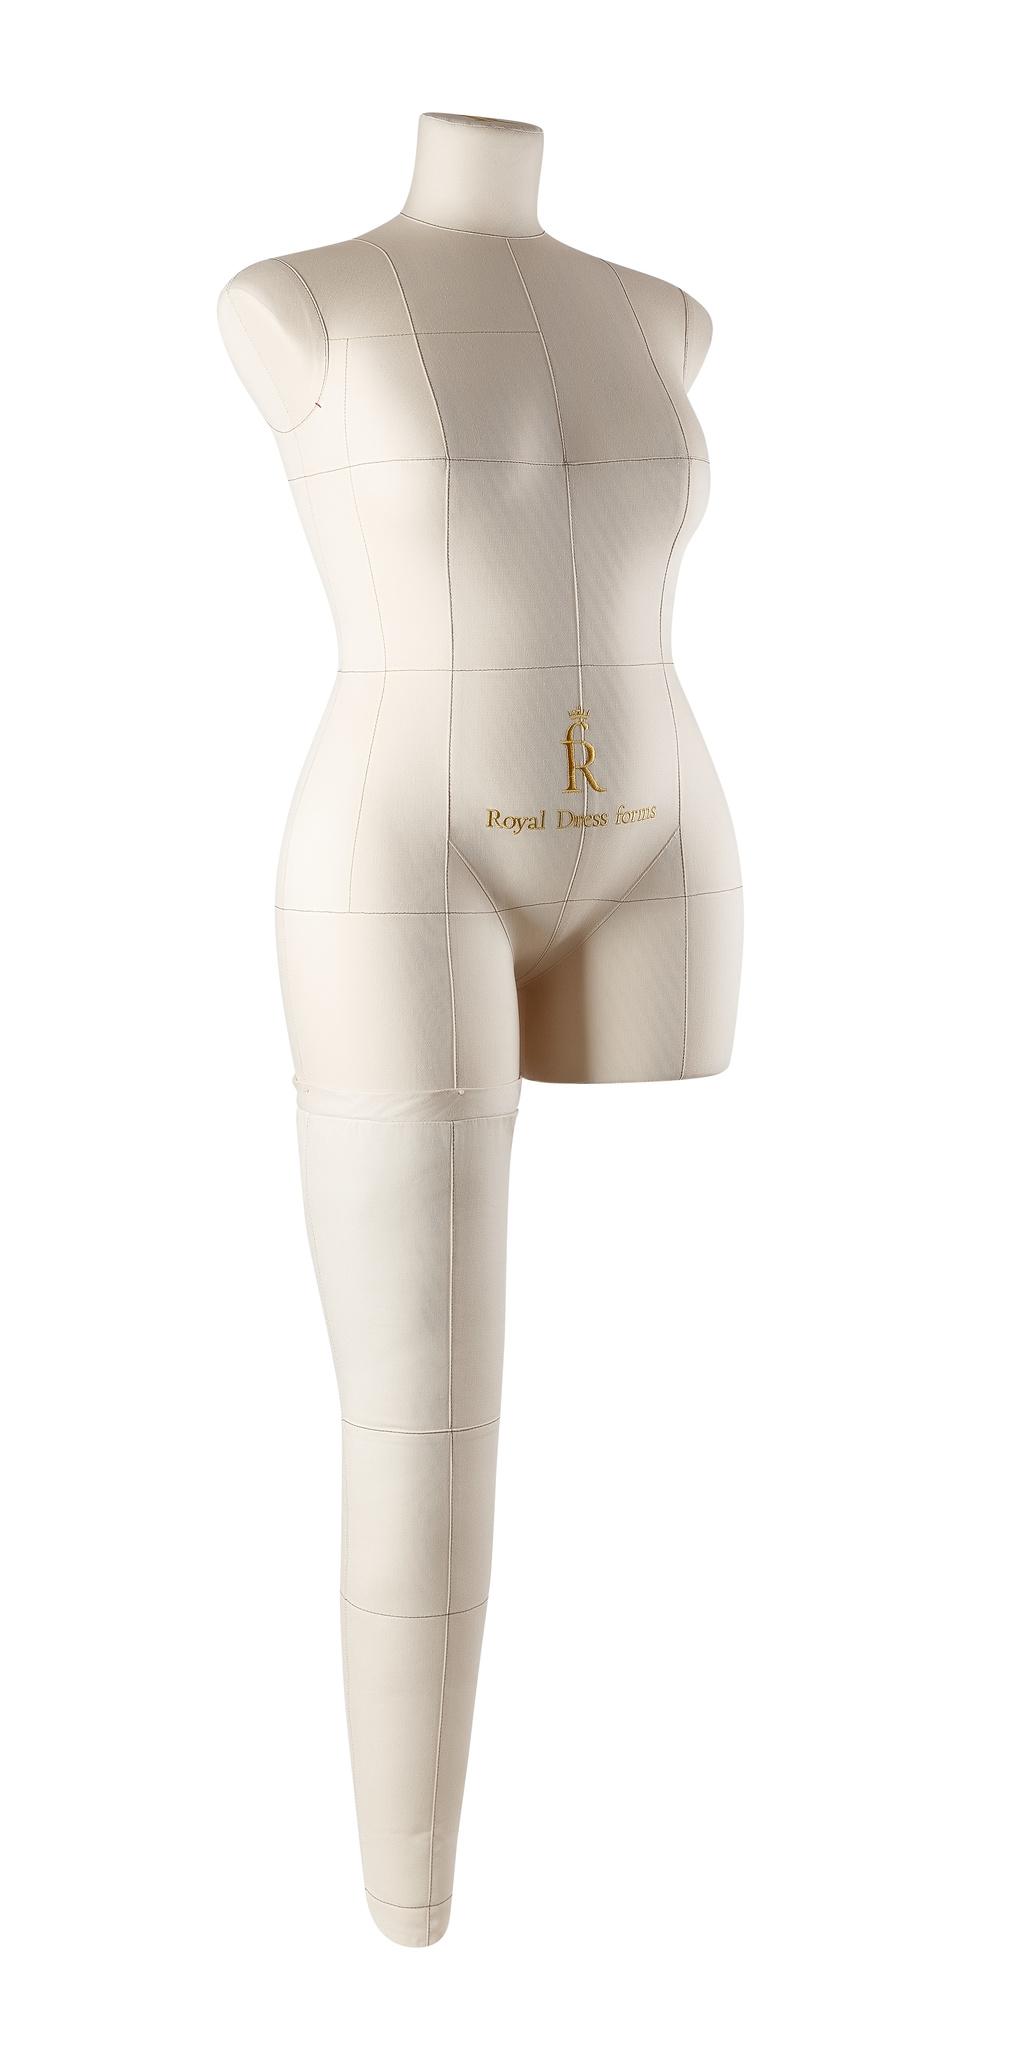 Нога бежевая для манекена Моника, 48 размер